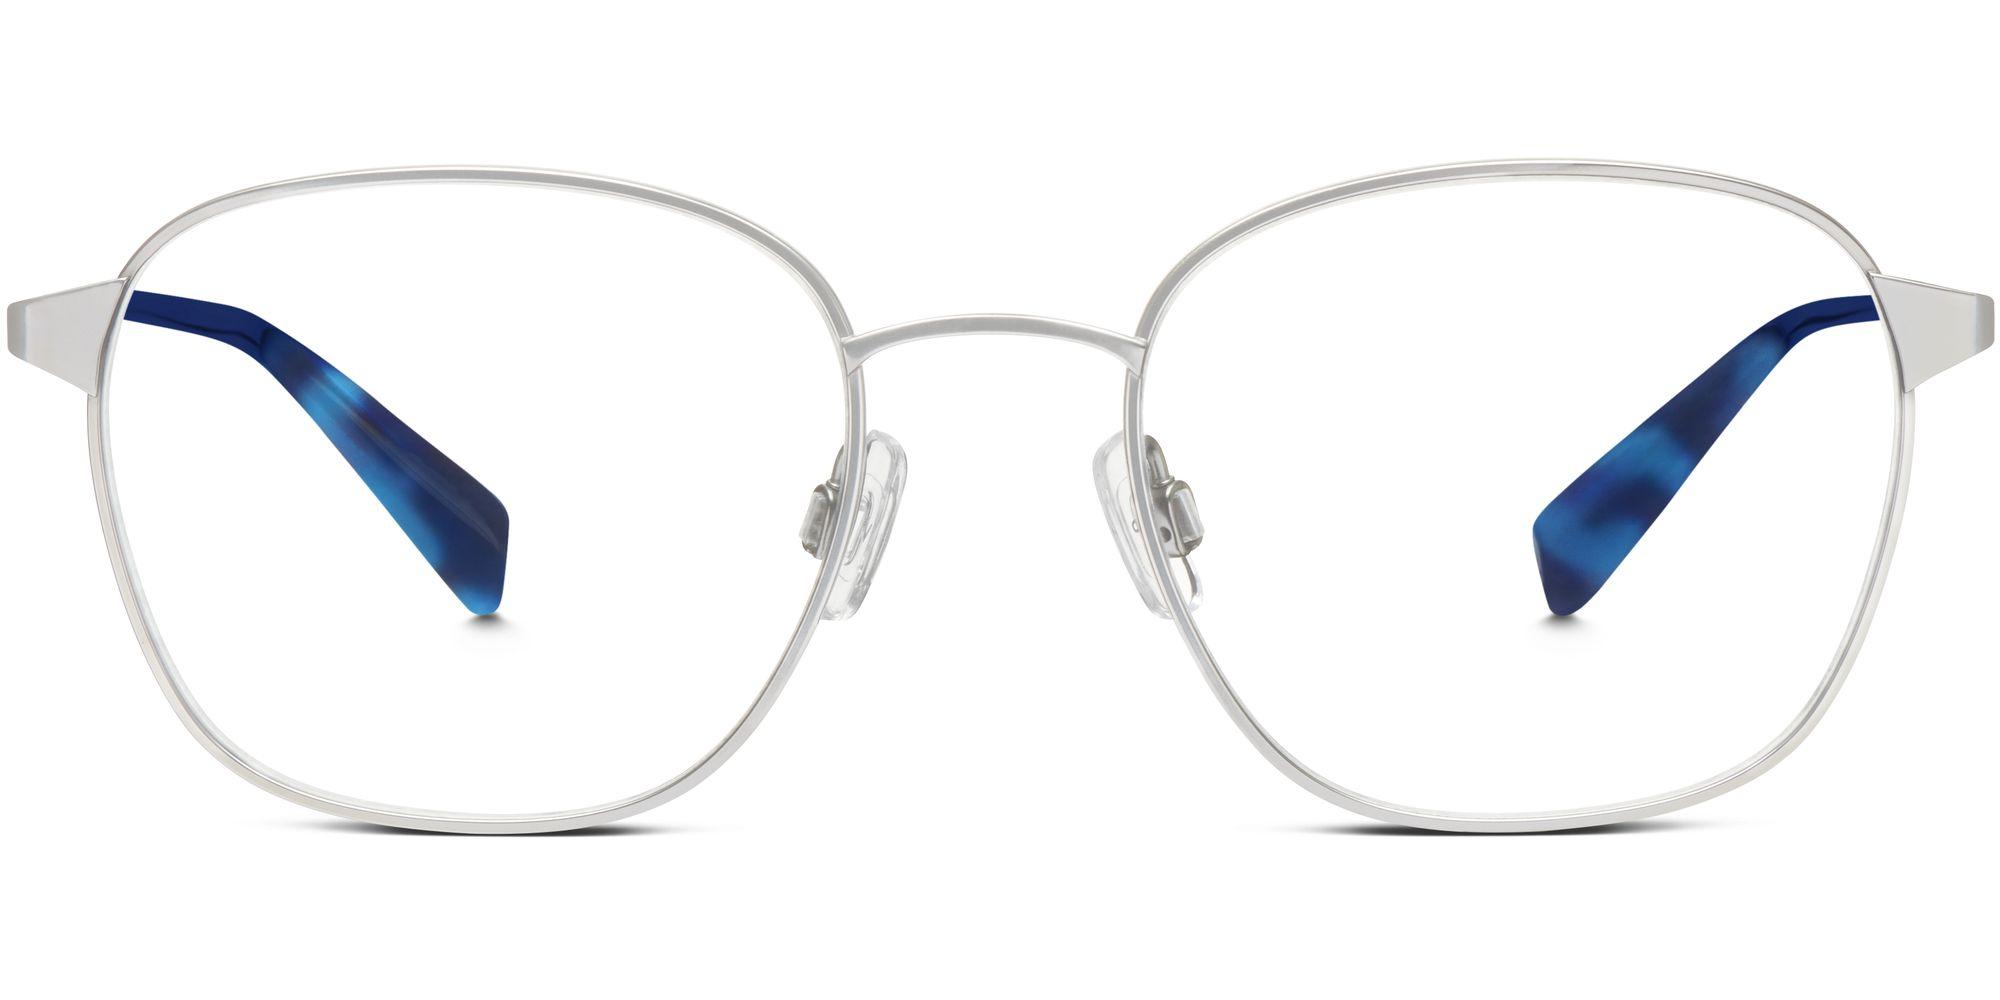 Warby Parker Nesbit Eyeglasses in Jet Silver for Women